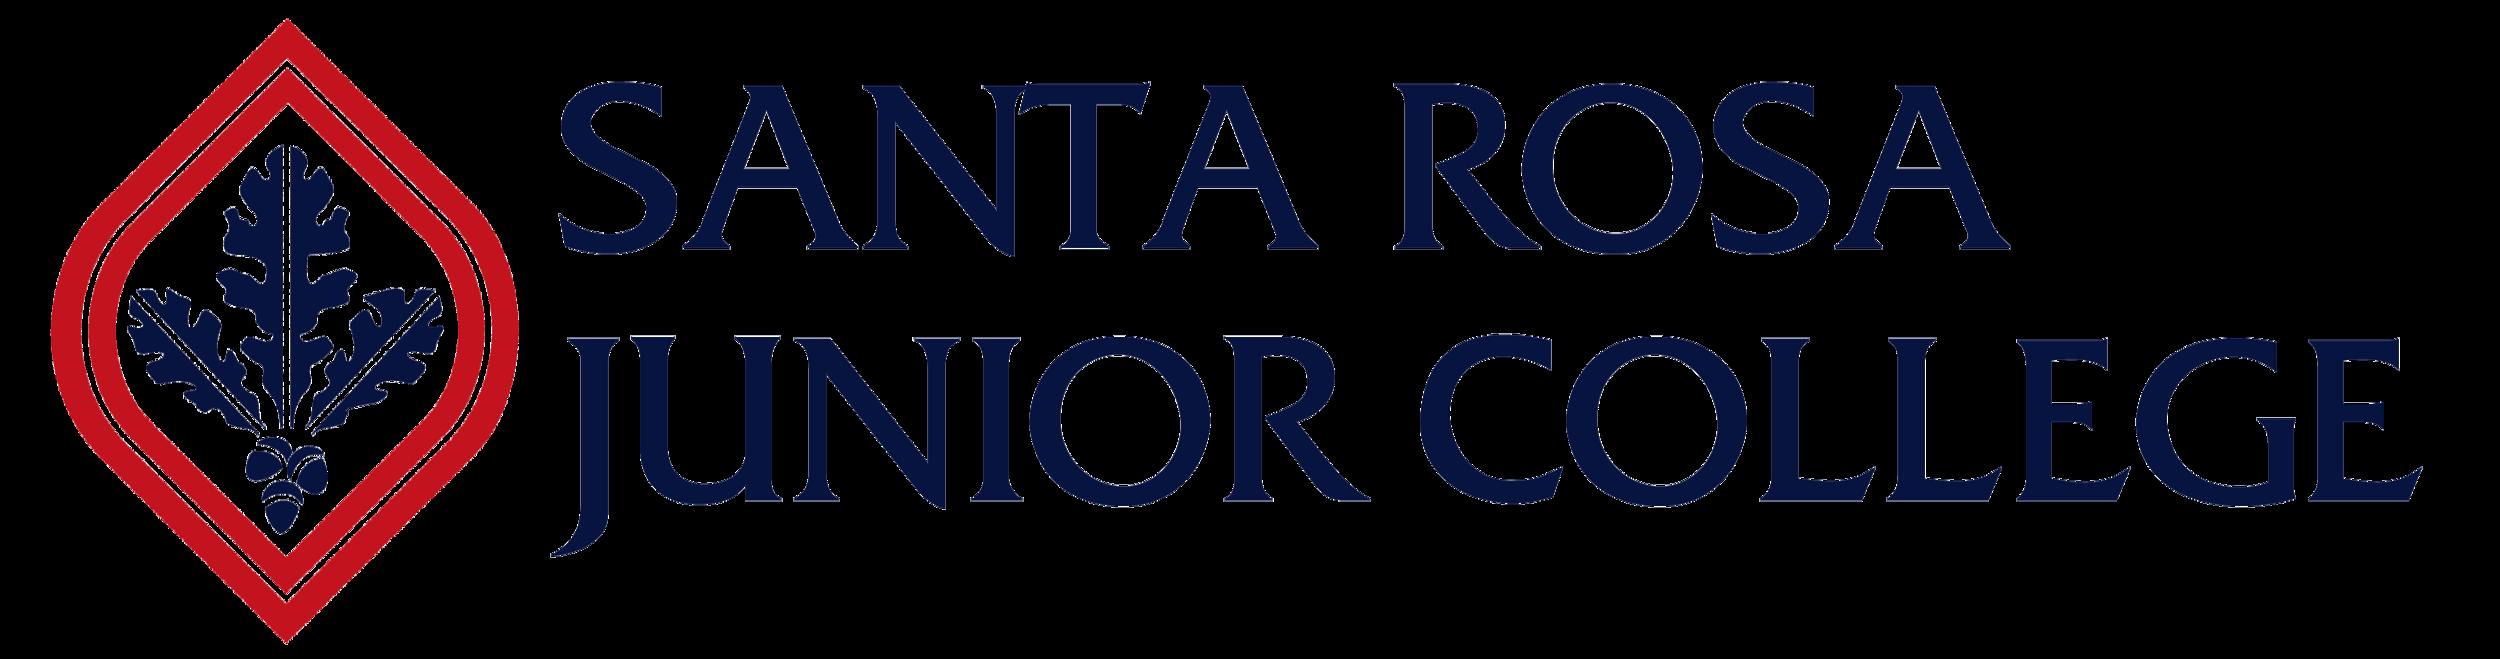 santa-rosa-junior-college-logo.png